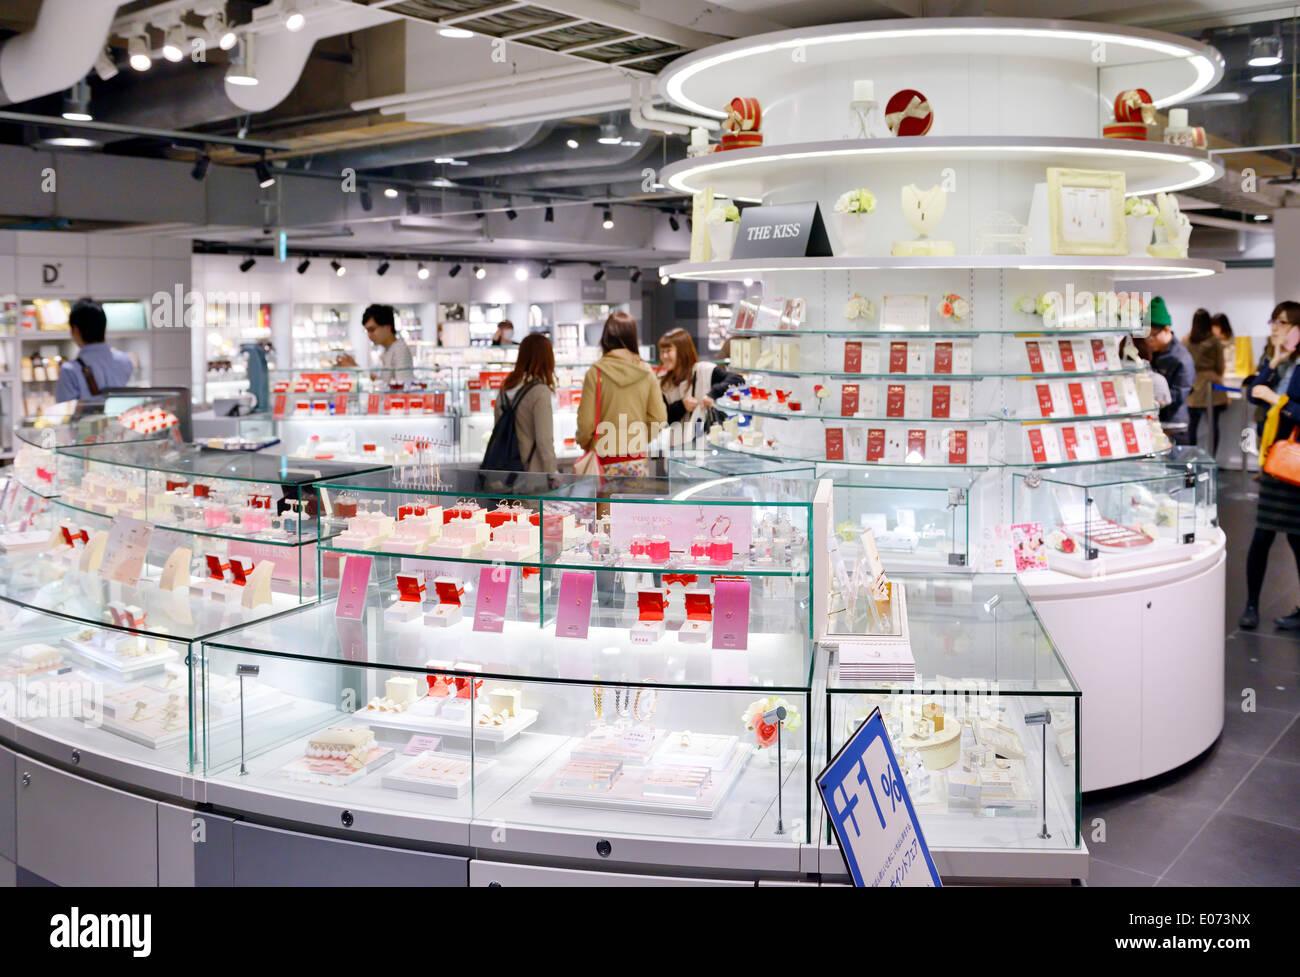 El Beso Joyería pantalla en el desván tienda en Tokio, Japón Imagen De Stock